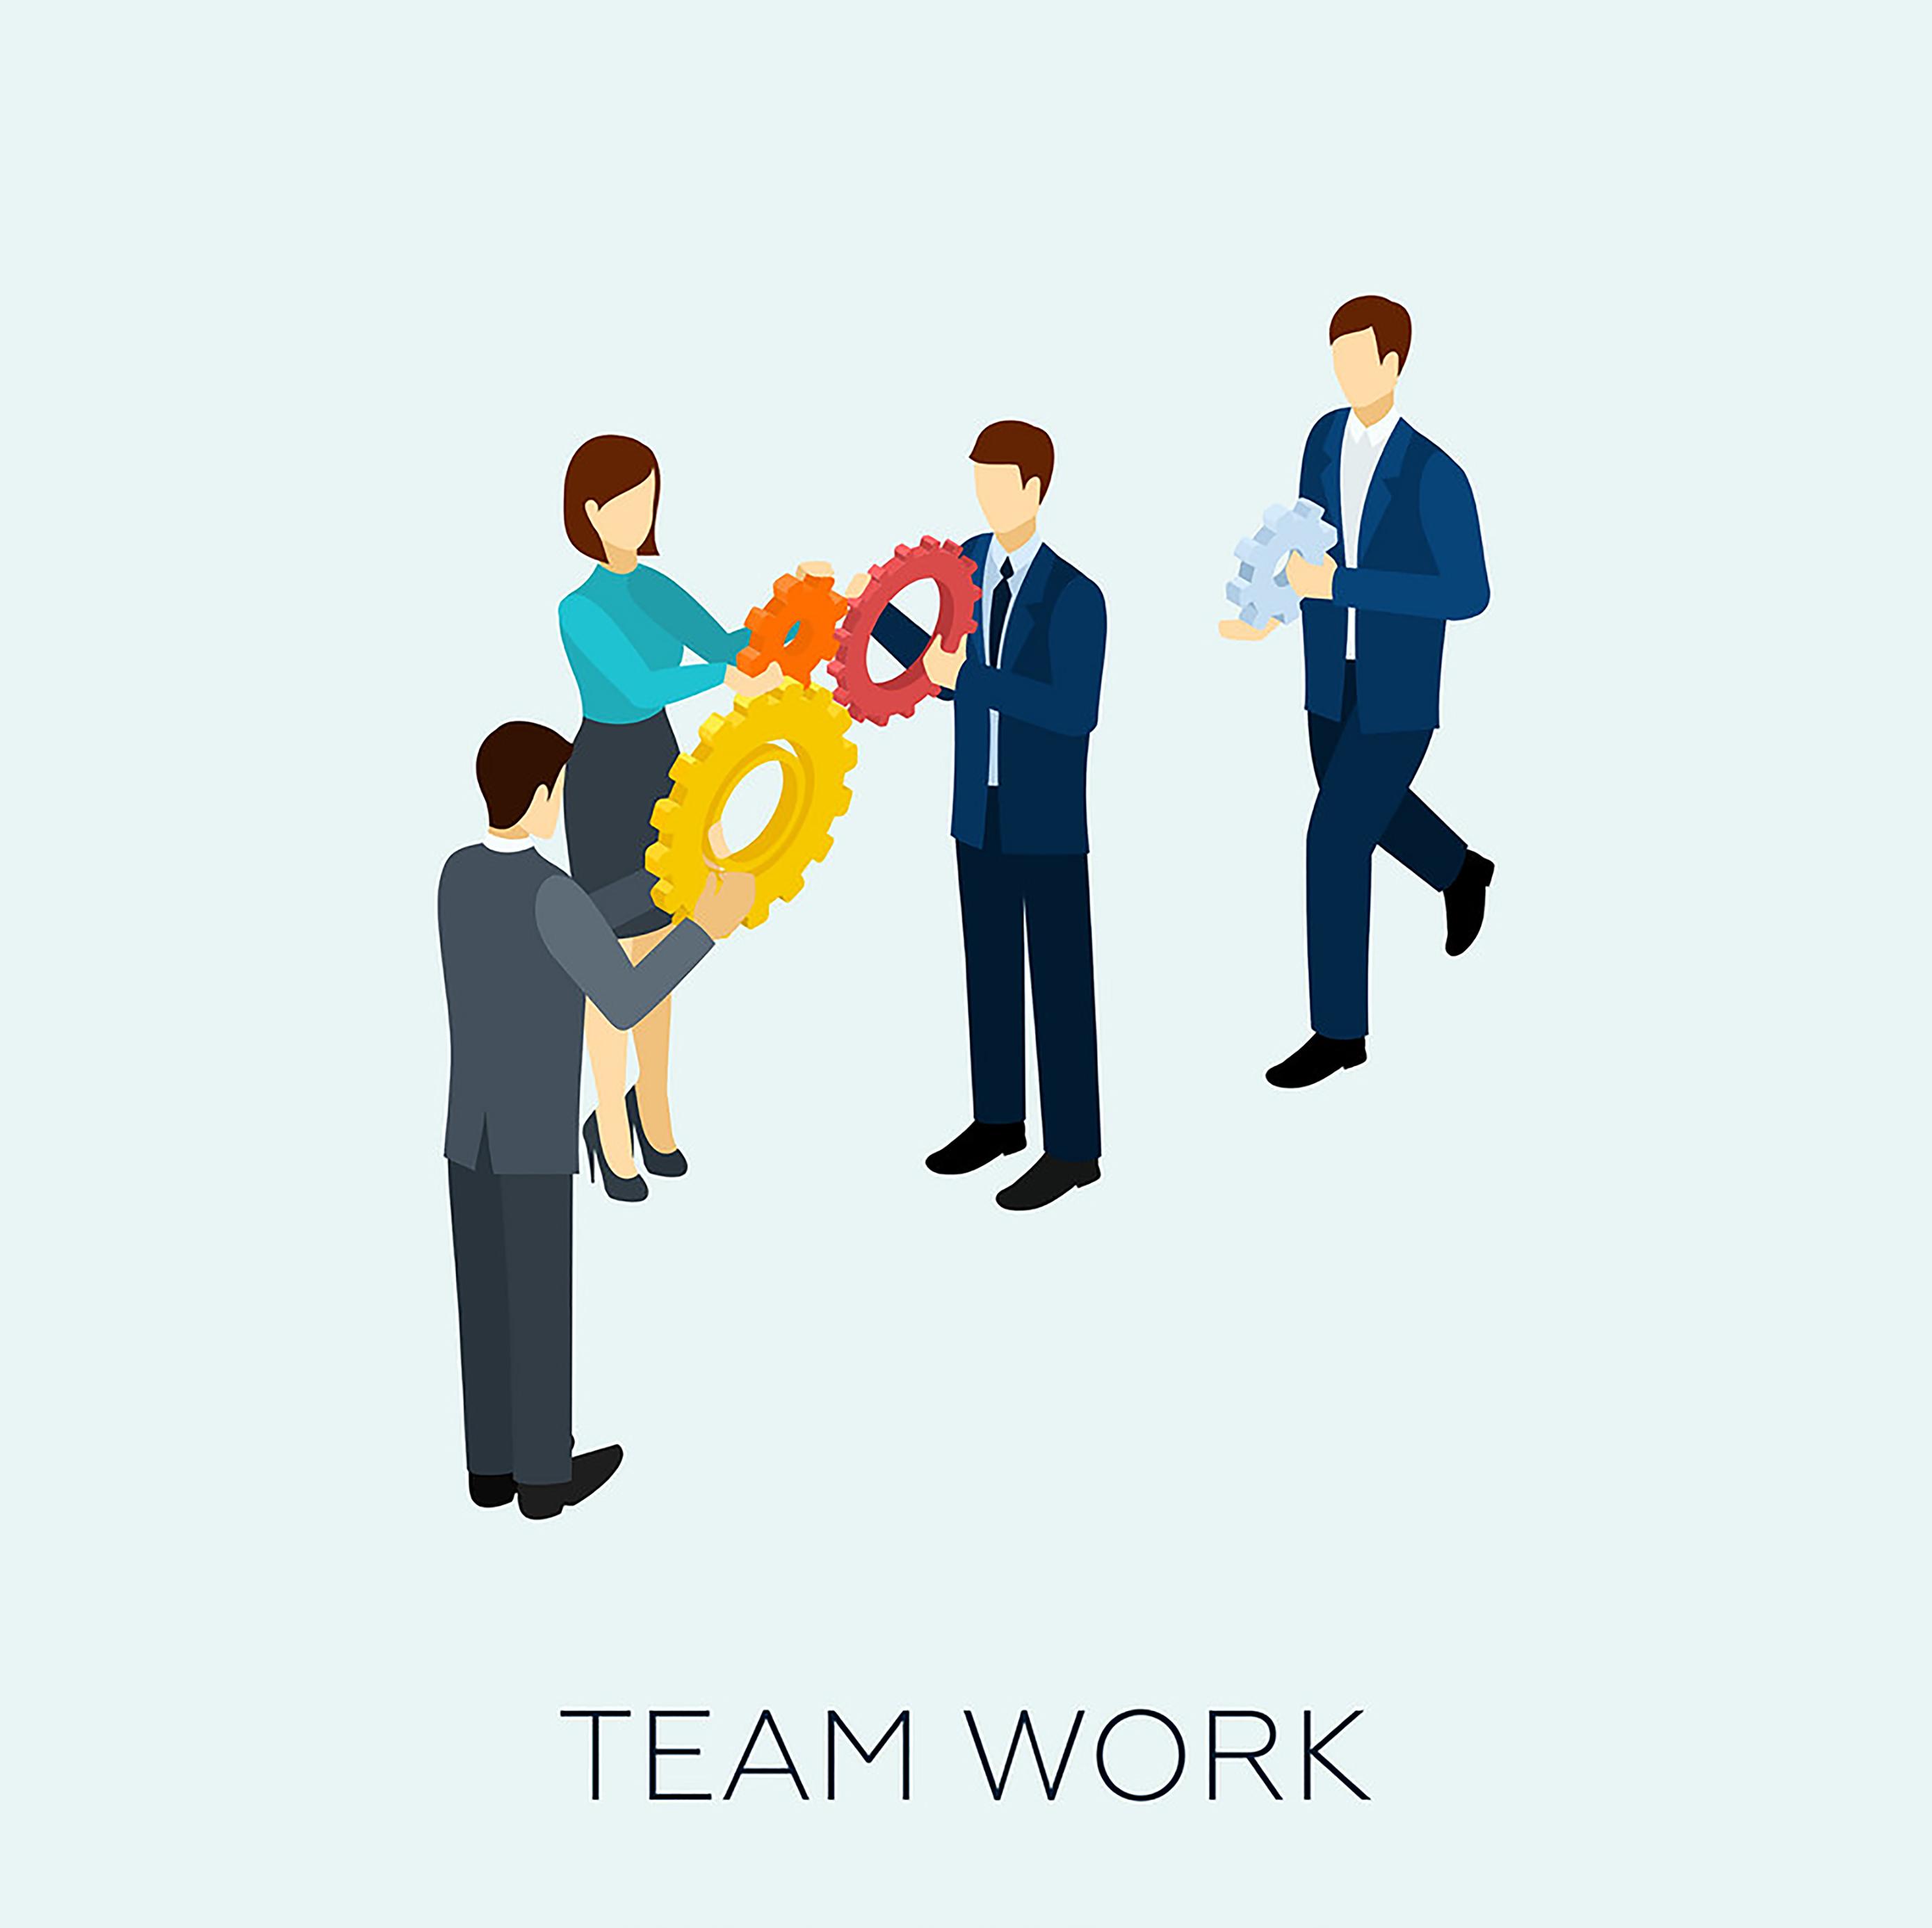 در کار تیمی اعضا مانند چرخ دنده با یکدیگر در ارتباط اند.